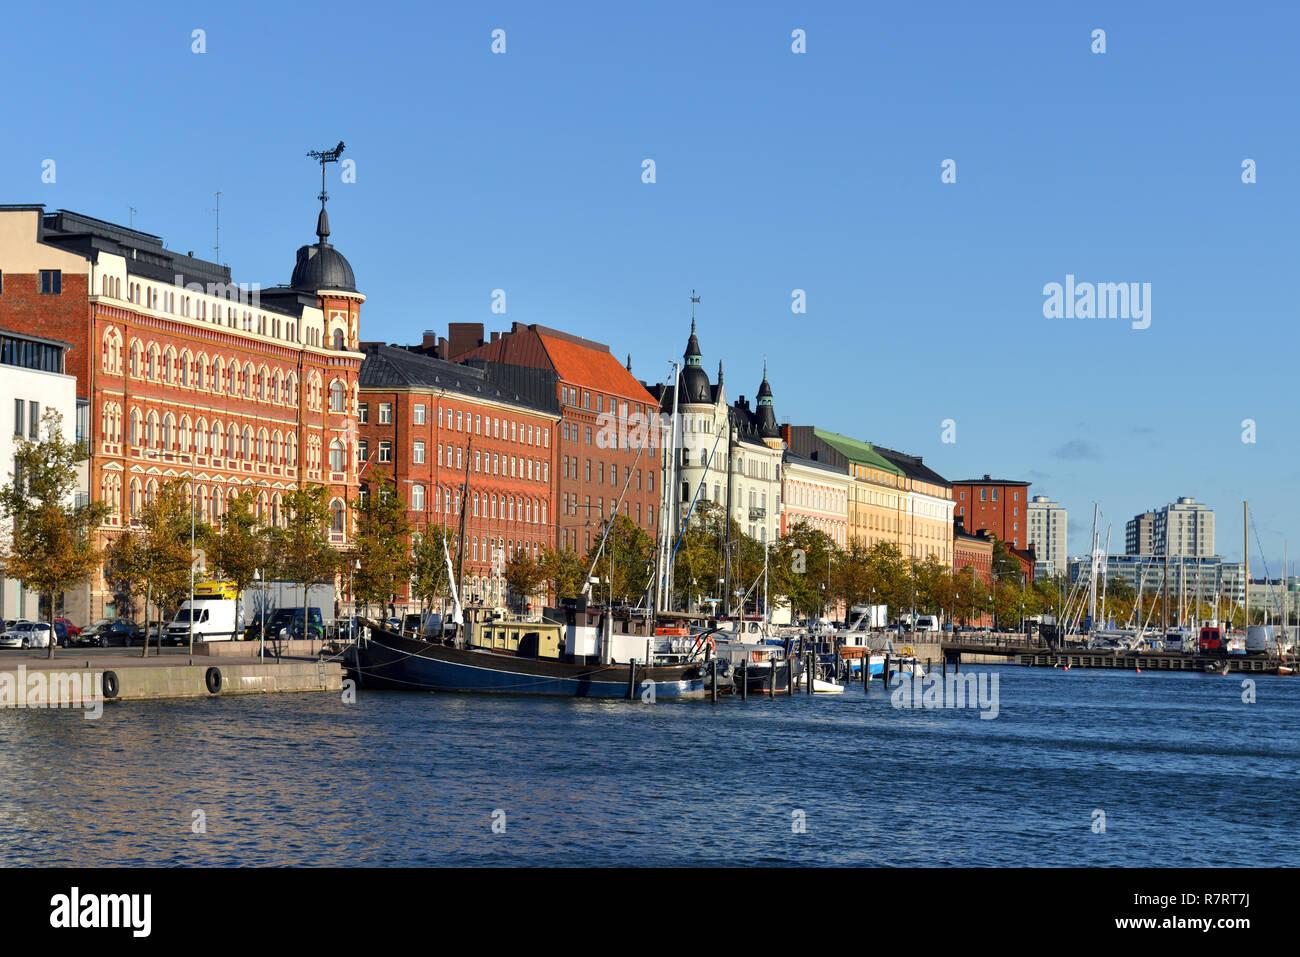 Pohjoisranta embankment and harbor with old yacht and ships. Katajanokka - Stock Image